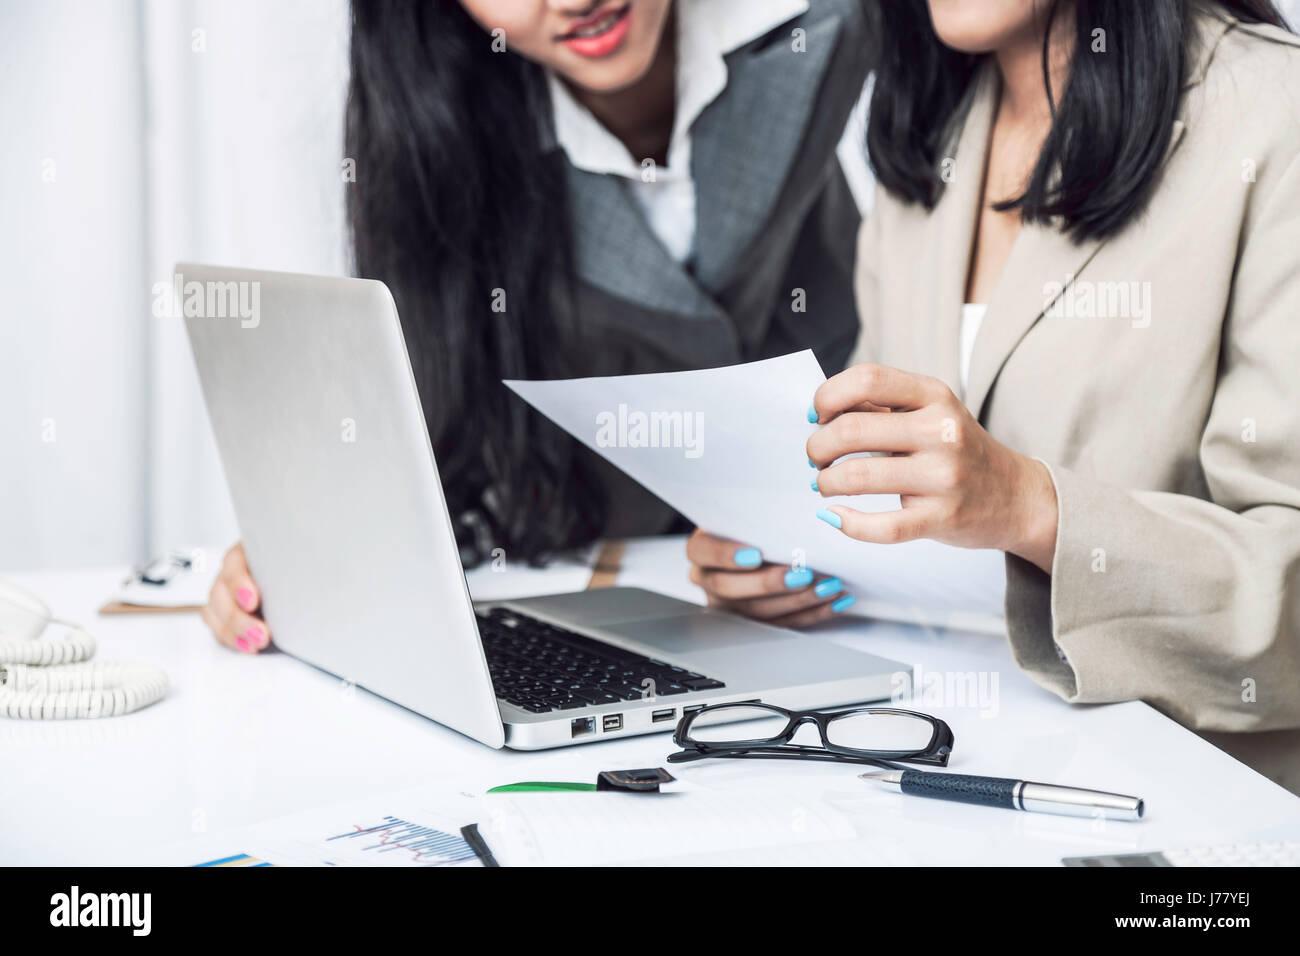 Nahaufnahme von Unternehmerinnen, die Diskussion über die Arbeit am Computer im Büro Stockbild